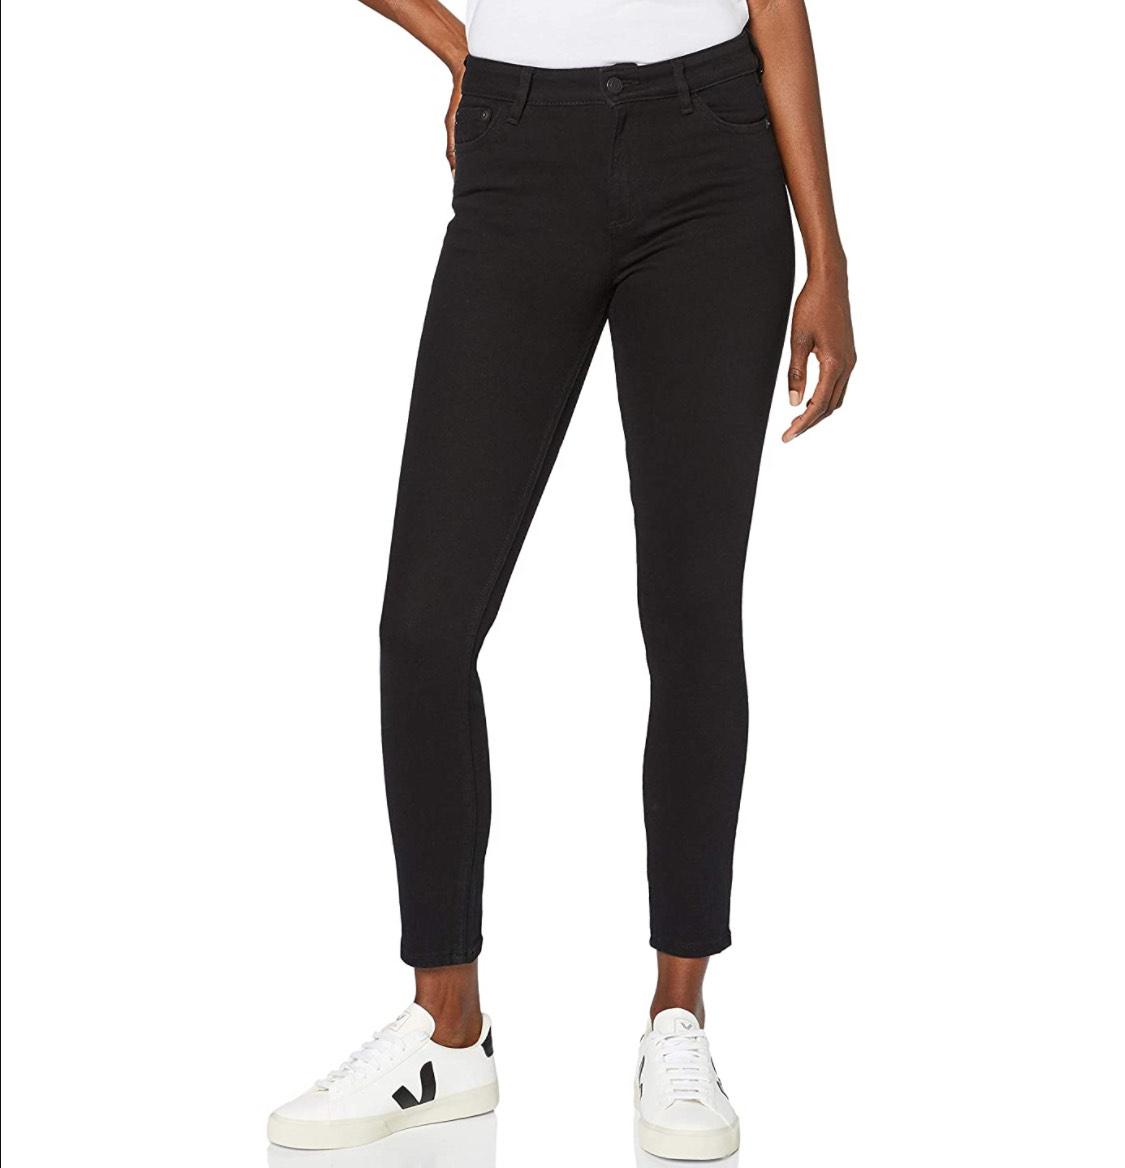 Jeans skinny mujer talla 32W/32L (42) Más precios y tallas en descripción